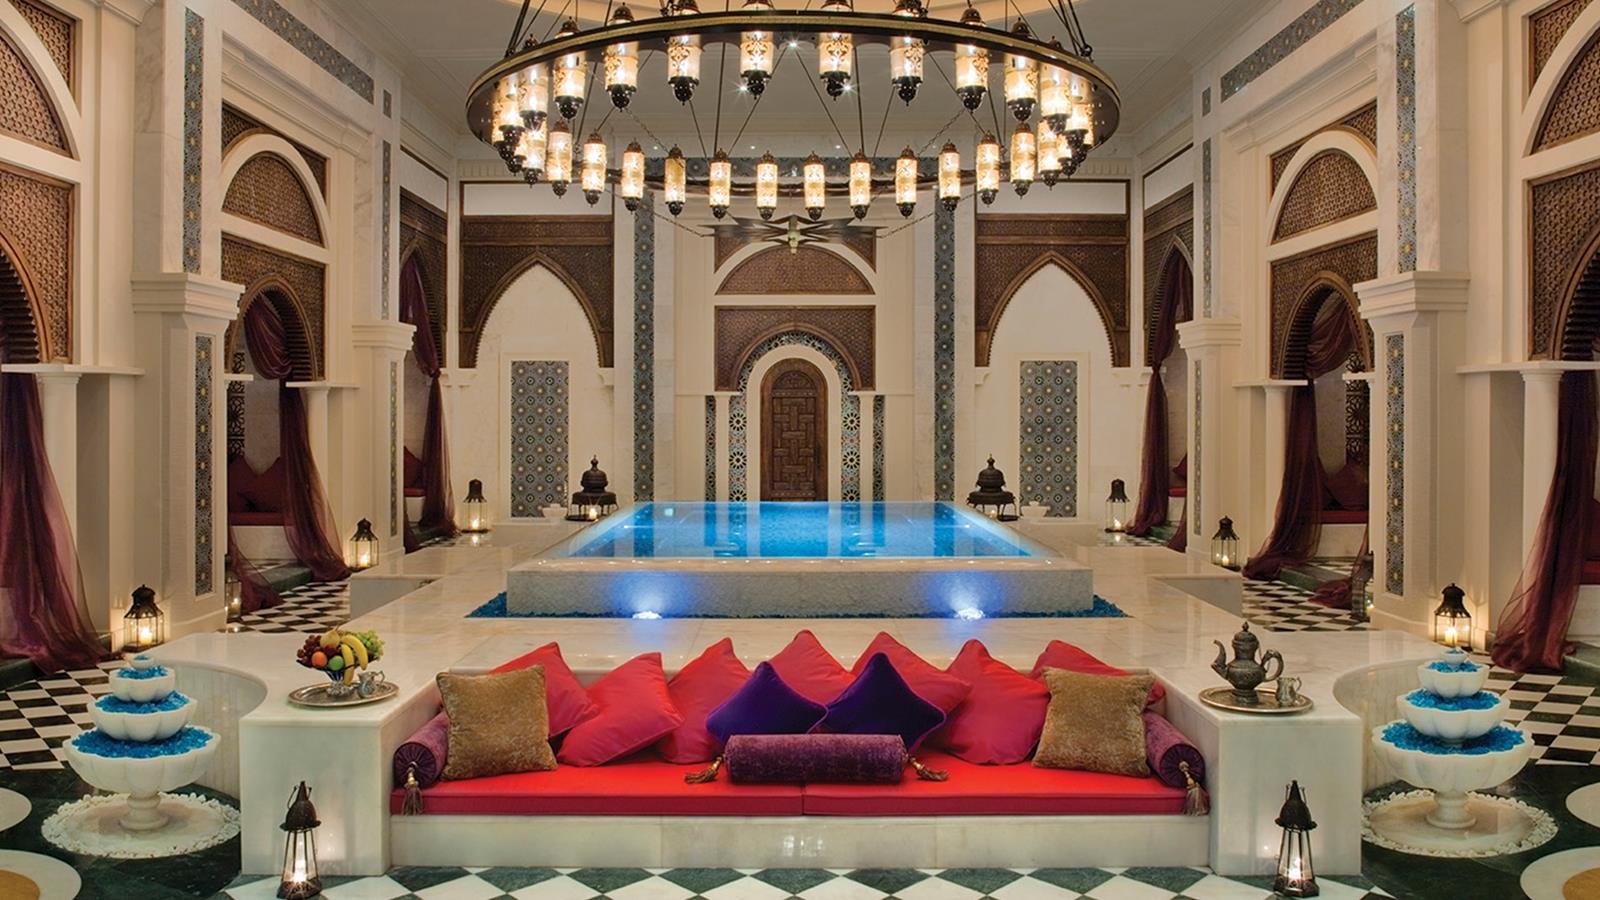 Talise Ottoman Spa Dubai